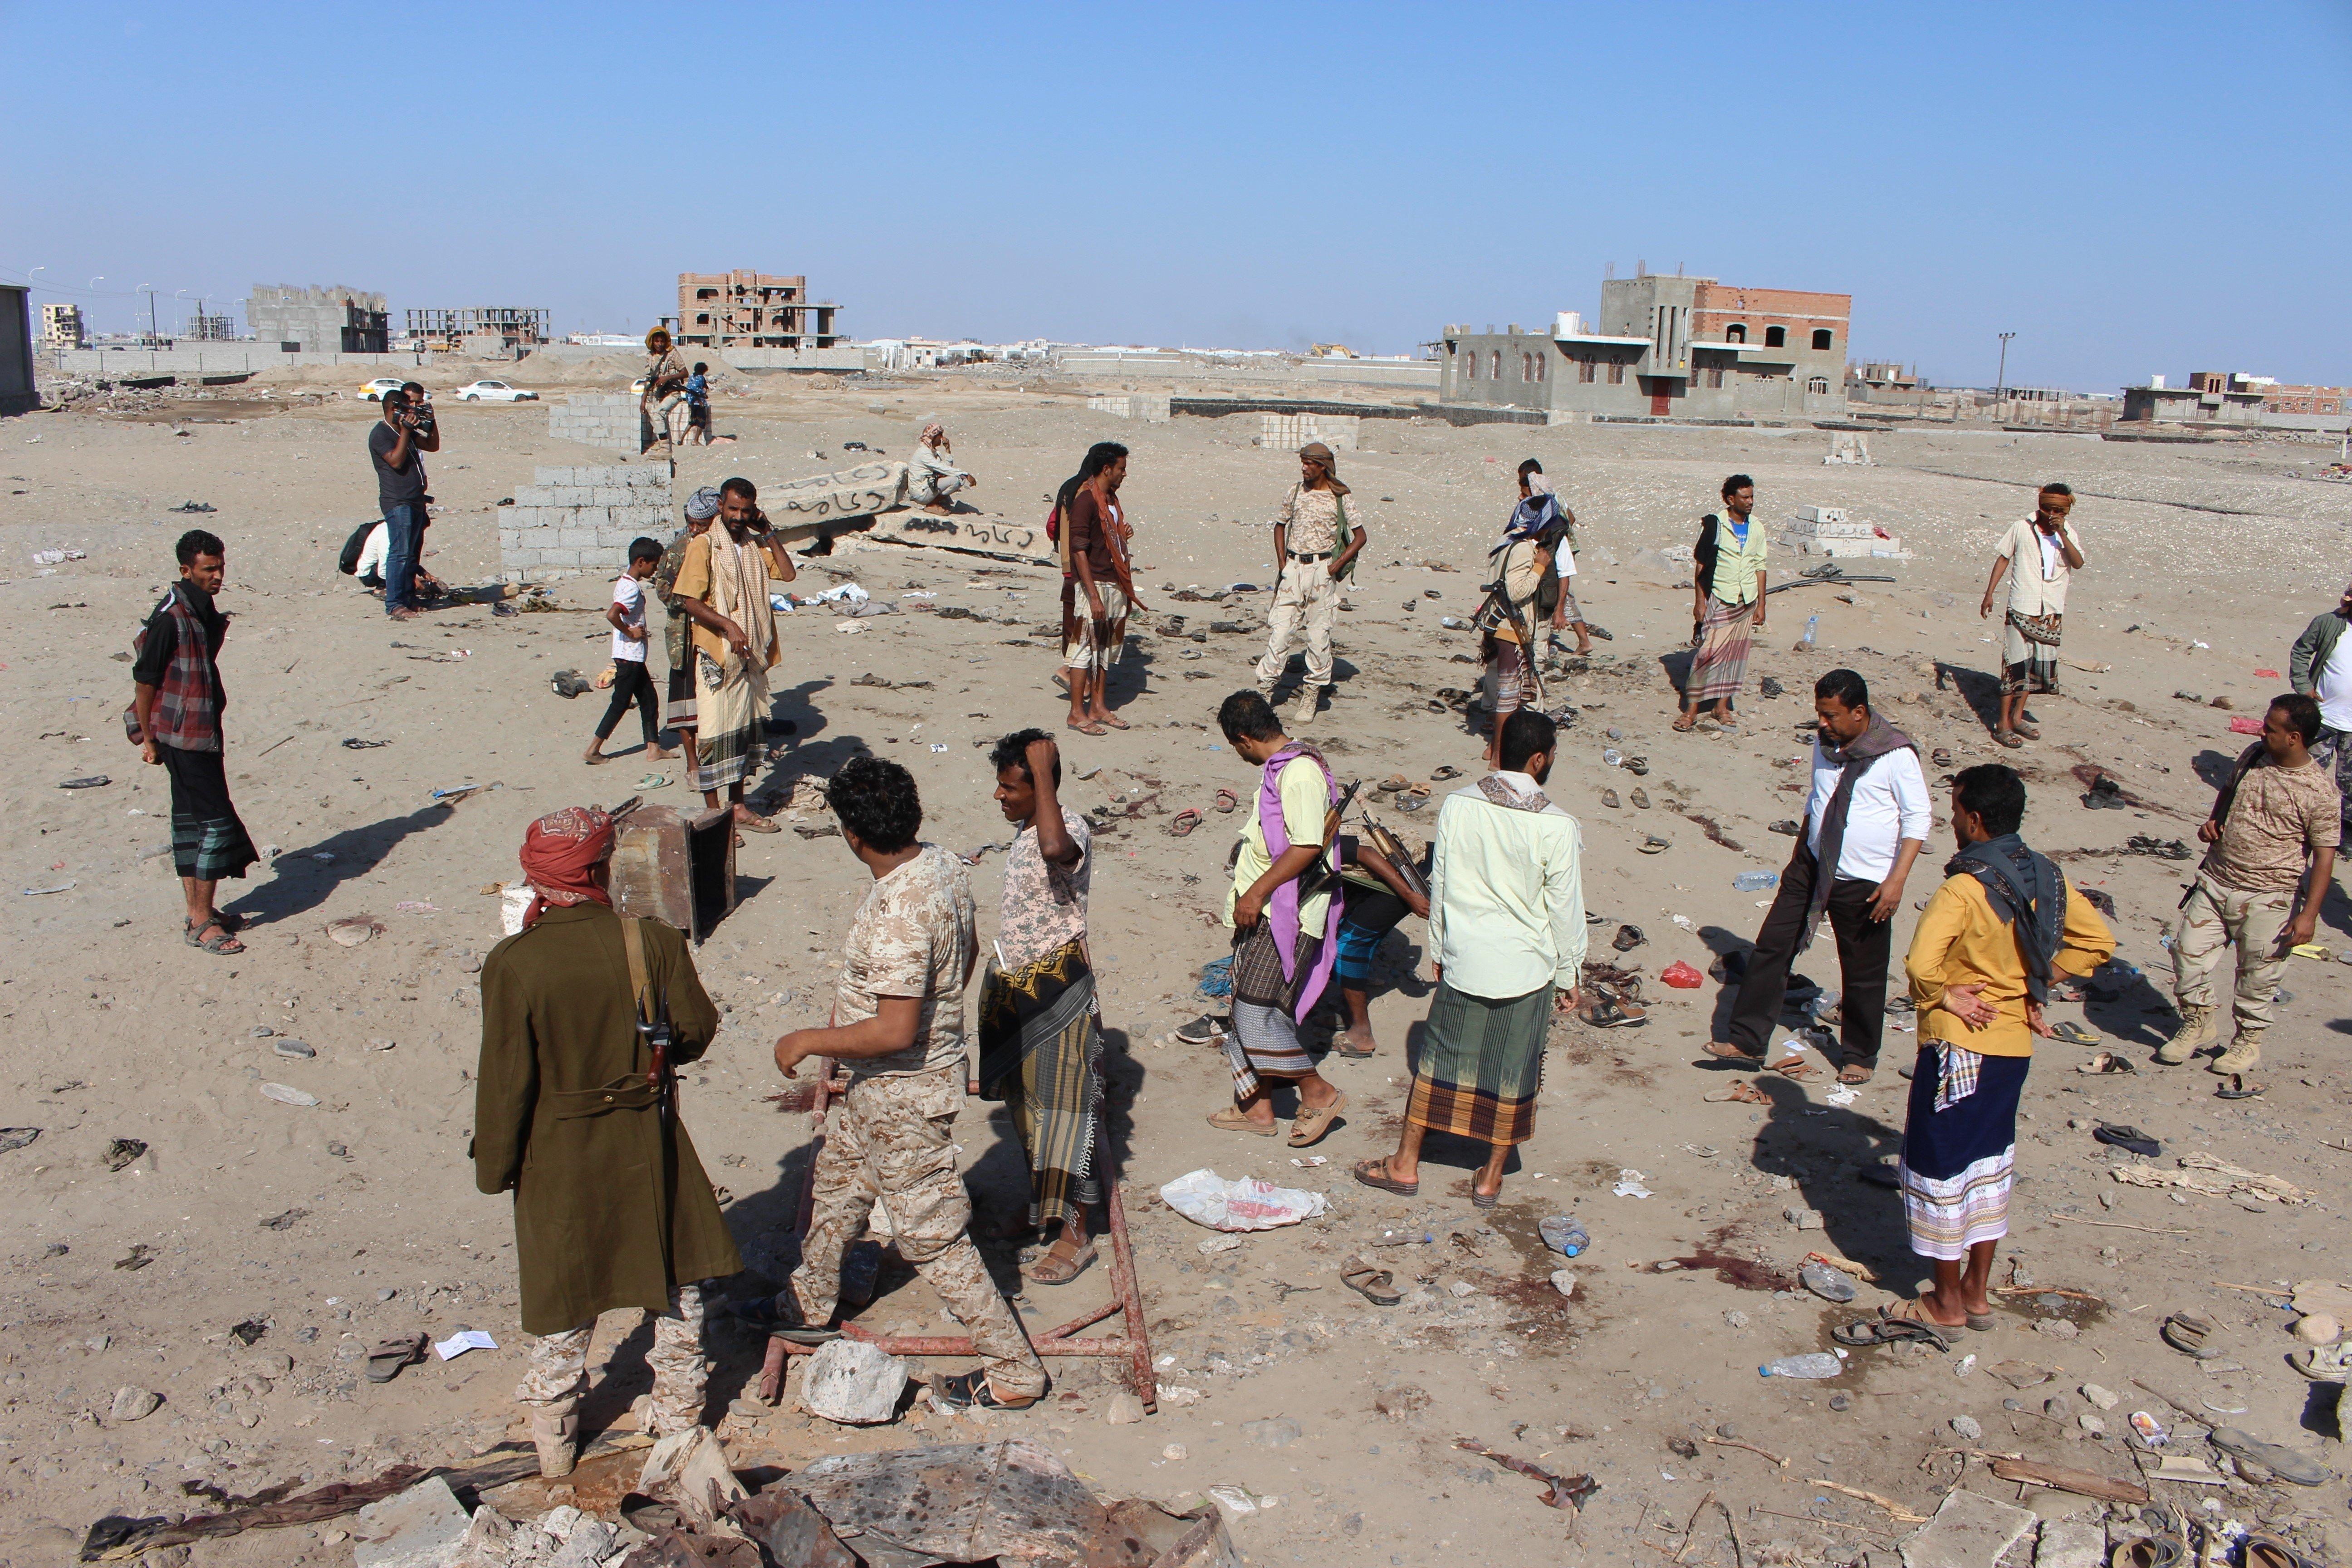 Yemenis gather at Hur Mekser region in Aden on December 18, 2016, after a suicide bomber targeted a crowd...